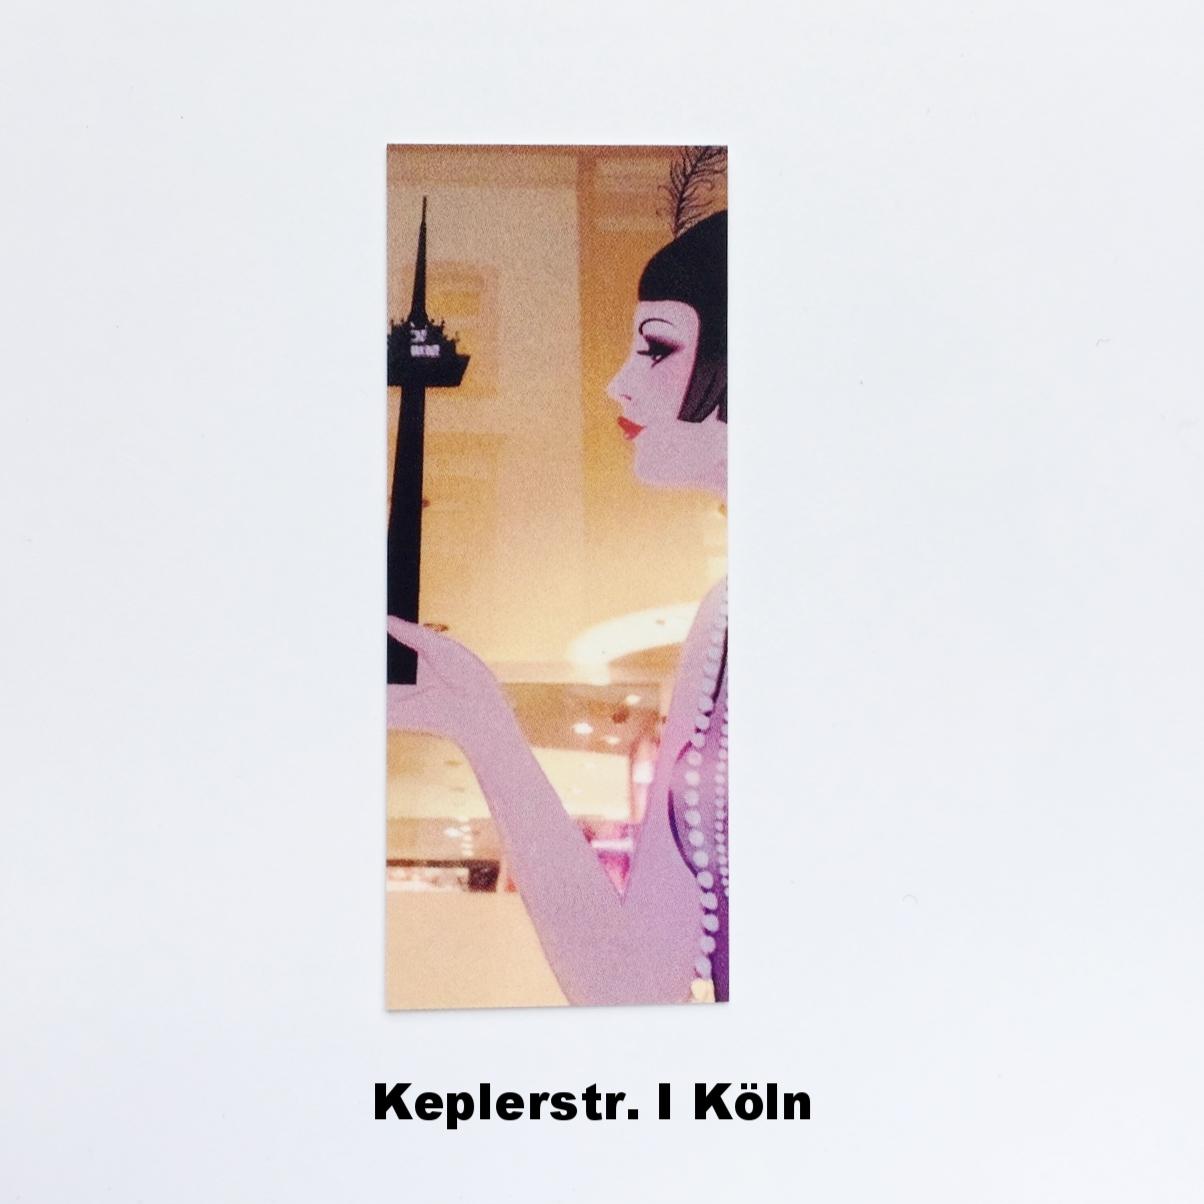 KeplerstrJPG.JPG